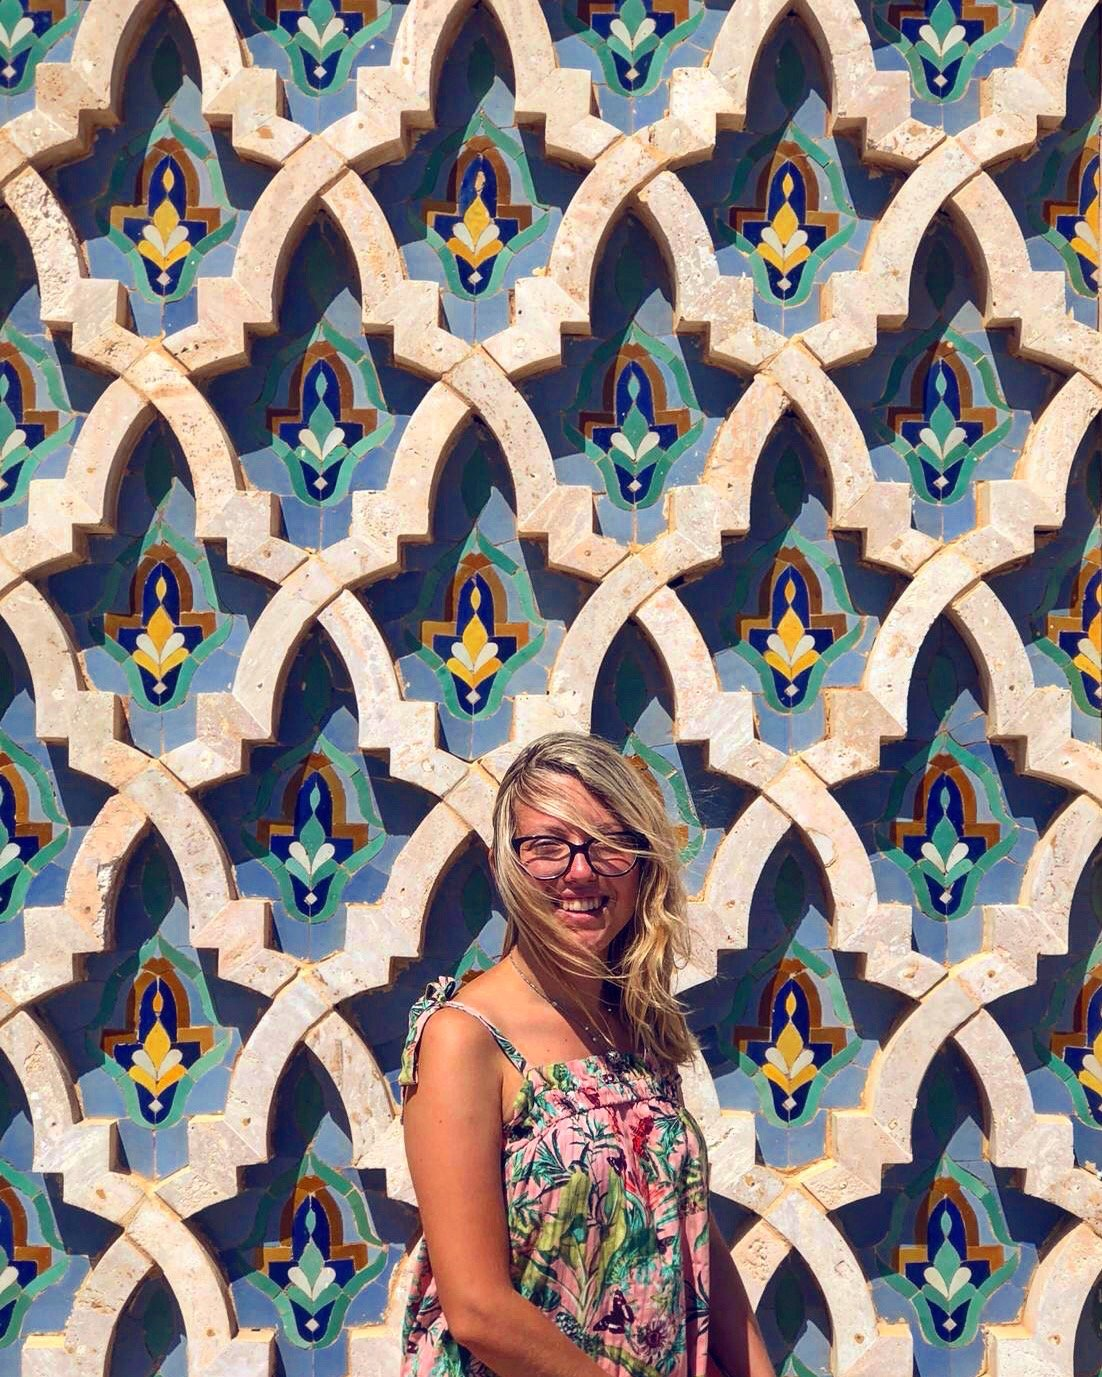 5 cose che avrei voluto sapere prima di partire per il mio viaggio zaino in spalla in Marocco